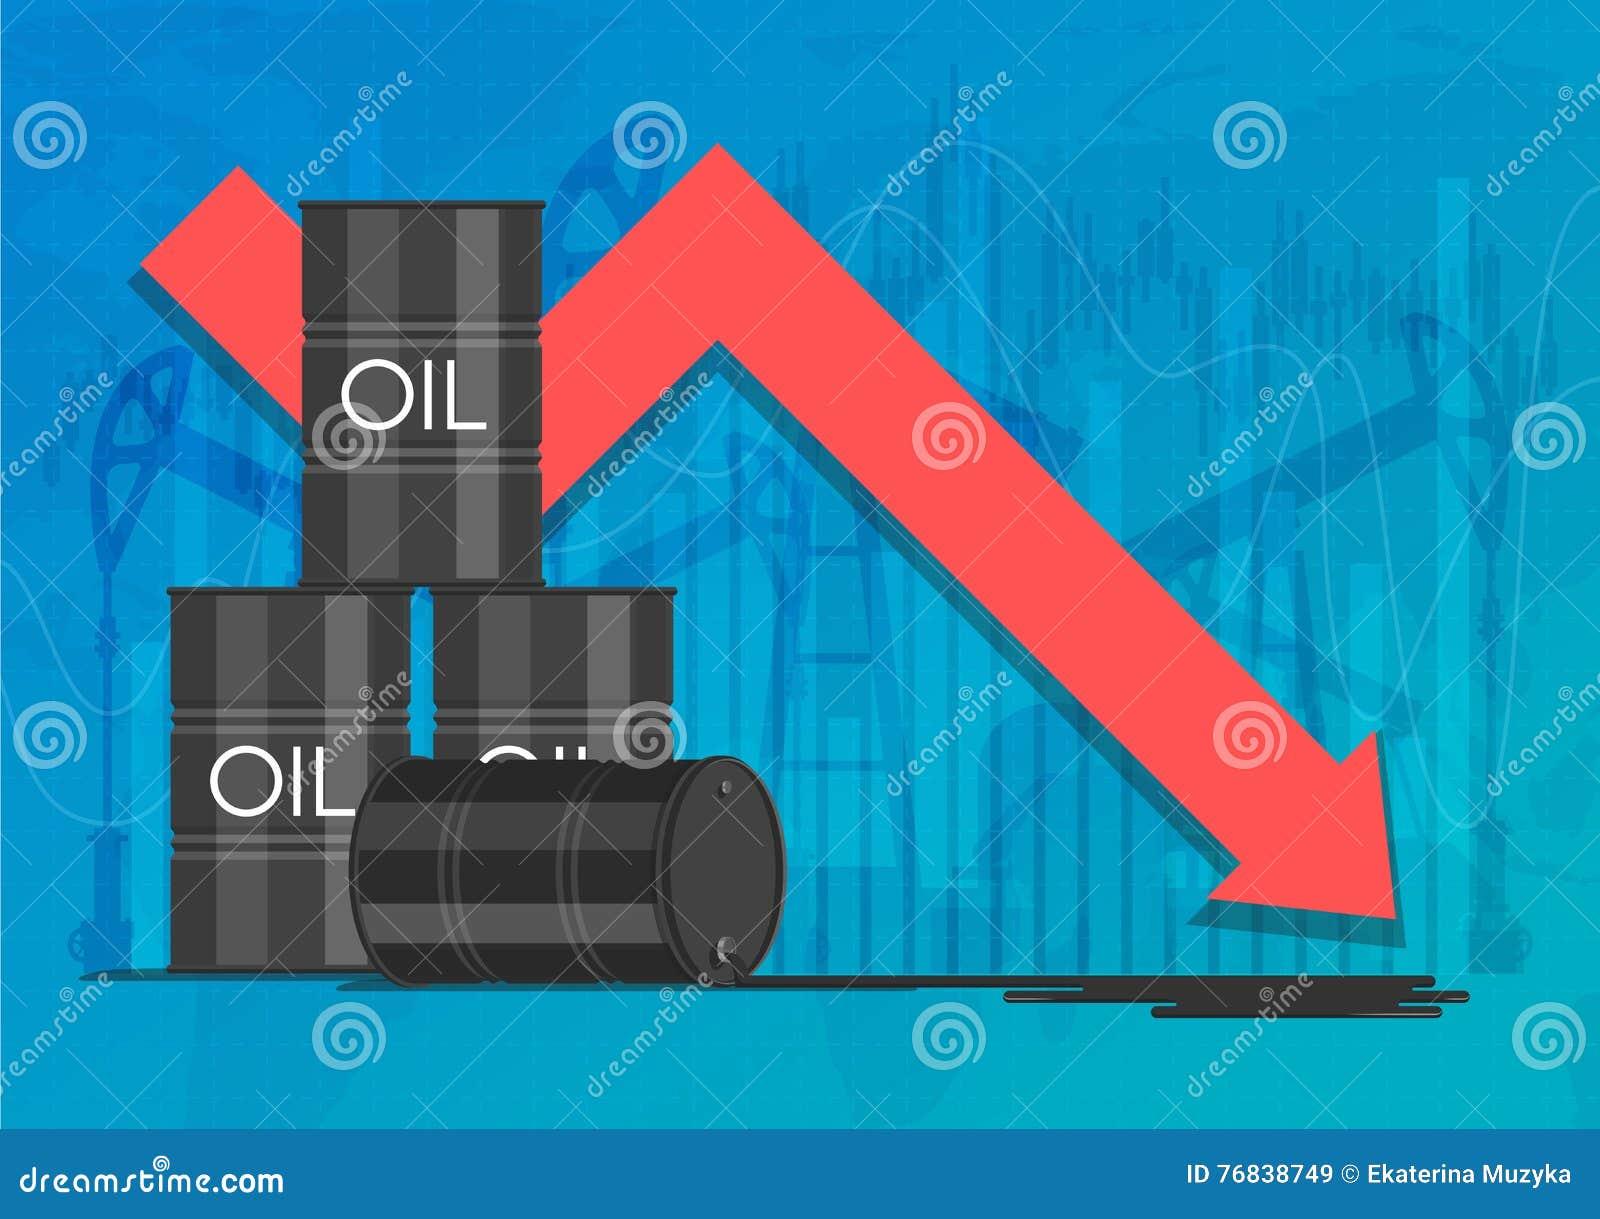 Έννοια κρίσης βιομηχανίας Πτώση στο διάγραμμα τιμών αργού πετρελαίου Διανυσματική απεικόνιση χρηματοοικονομικών αγορών